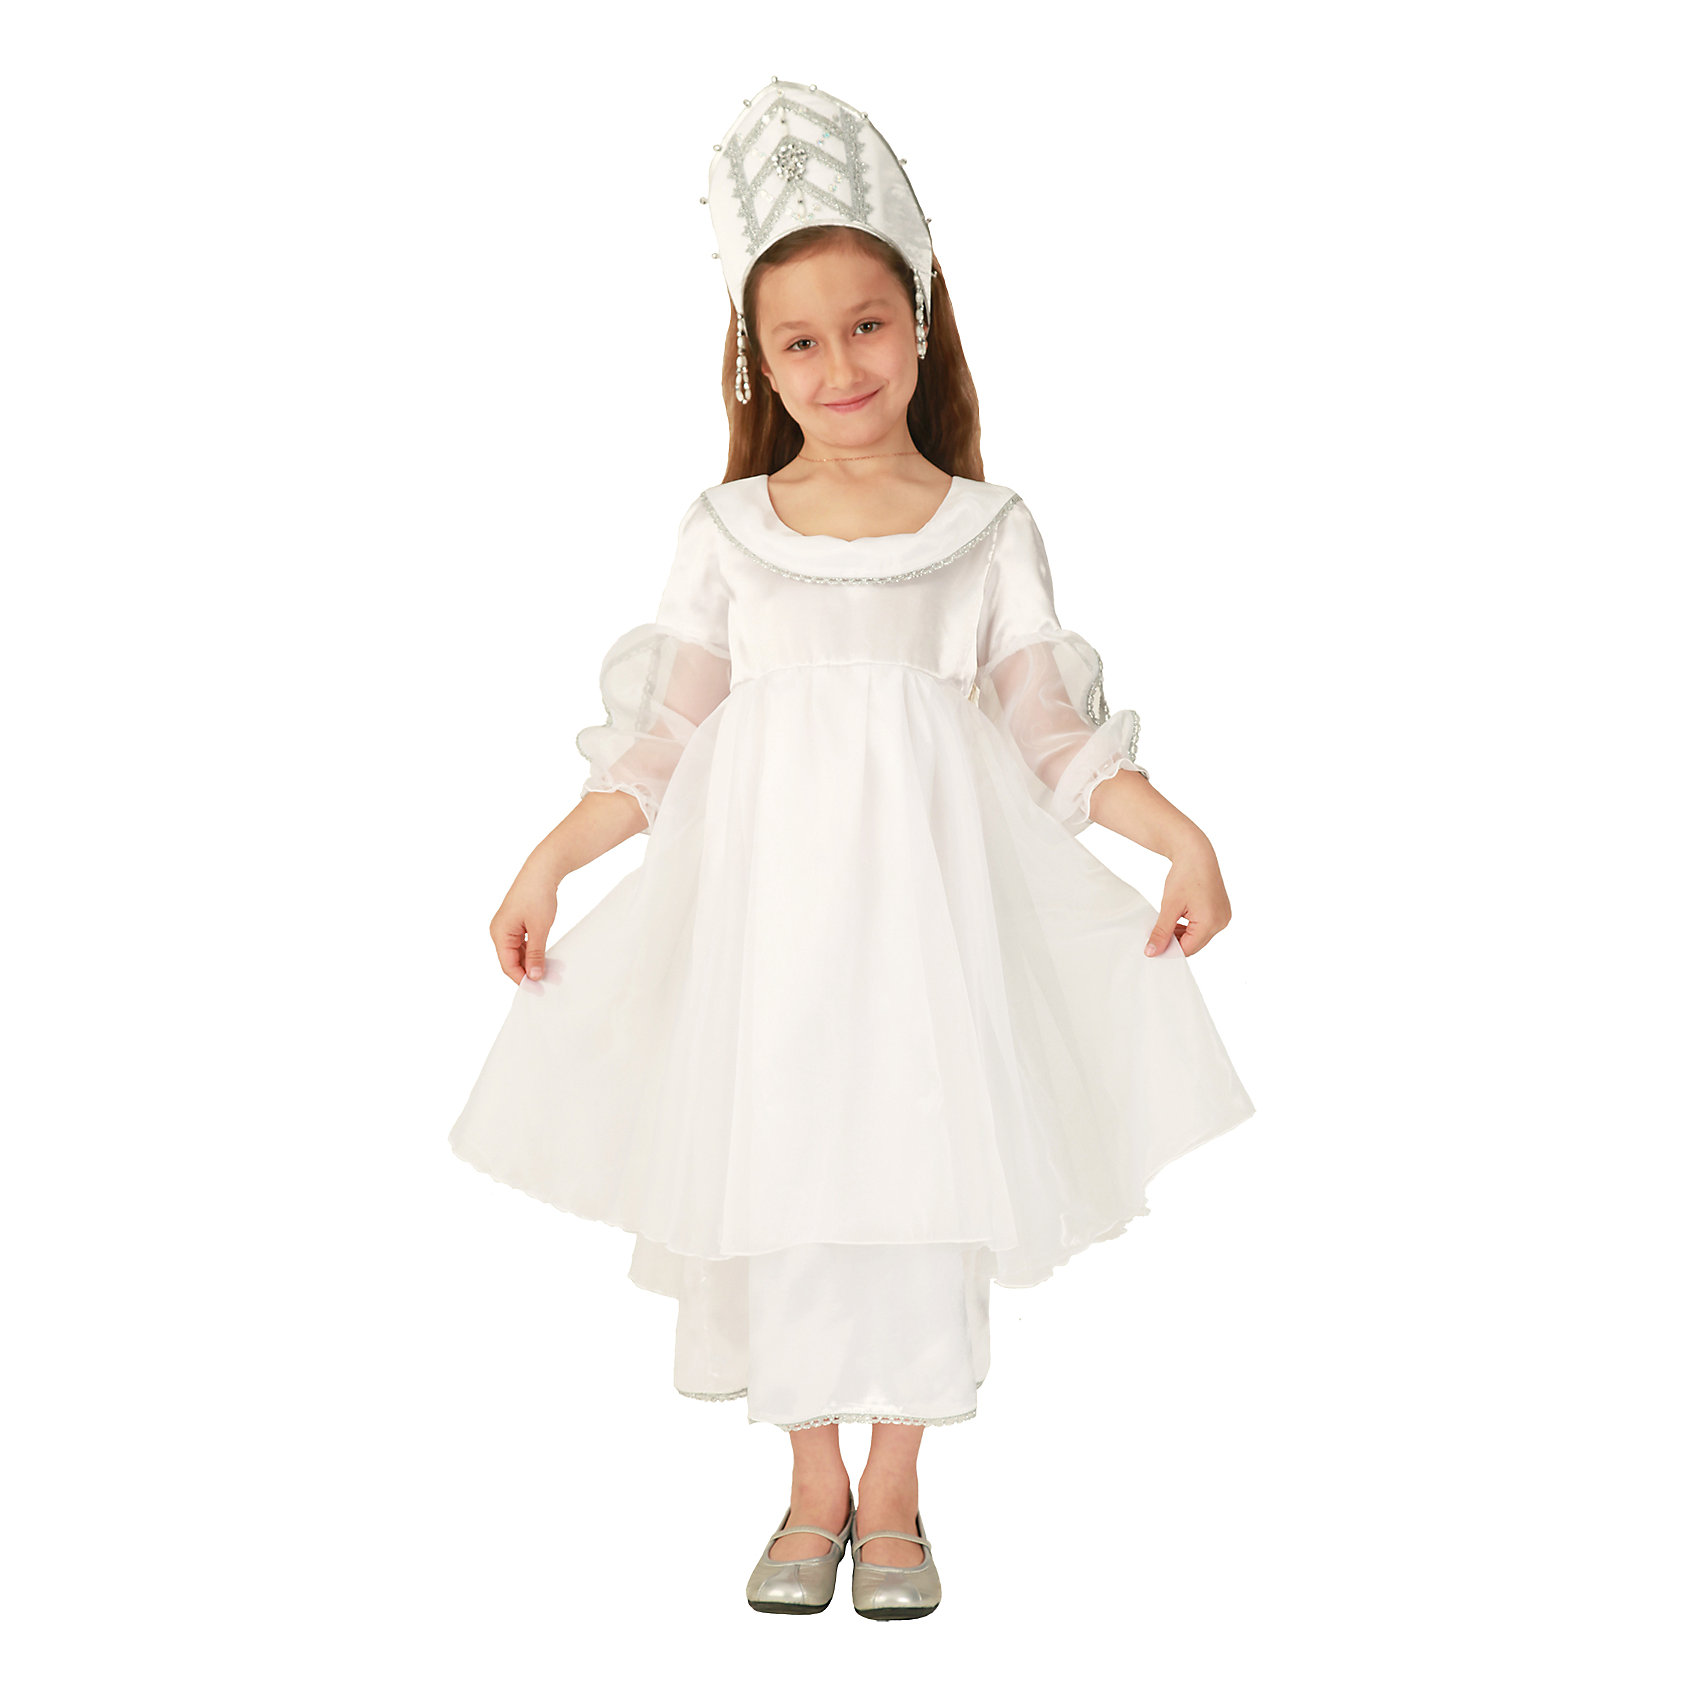 Вестифика Карнавальный костюм для девочки Снежинка сверкающая, Вестифика карнавальный костюм снежинка 32